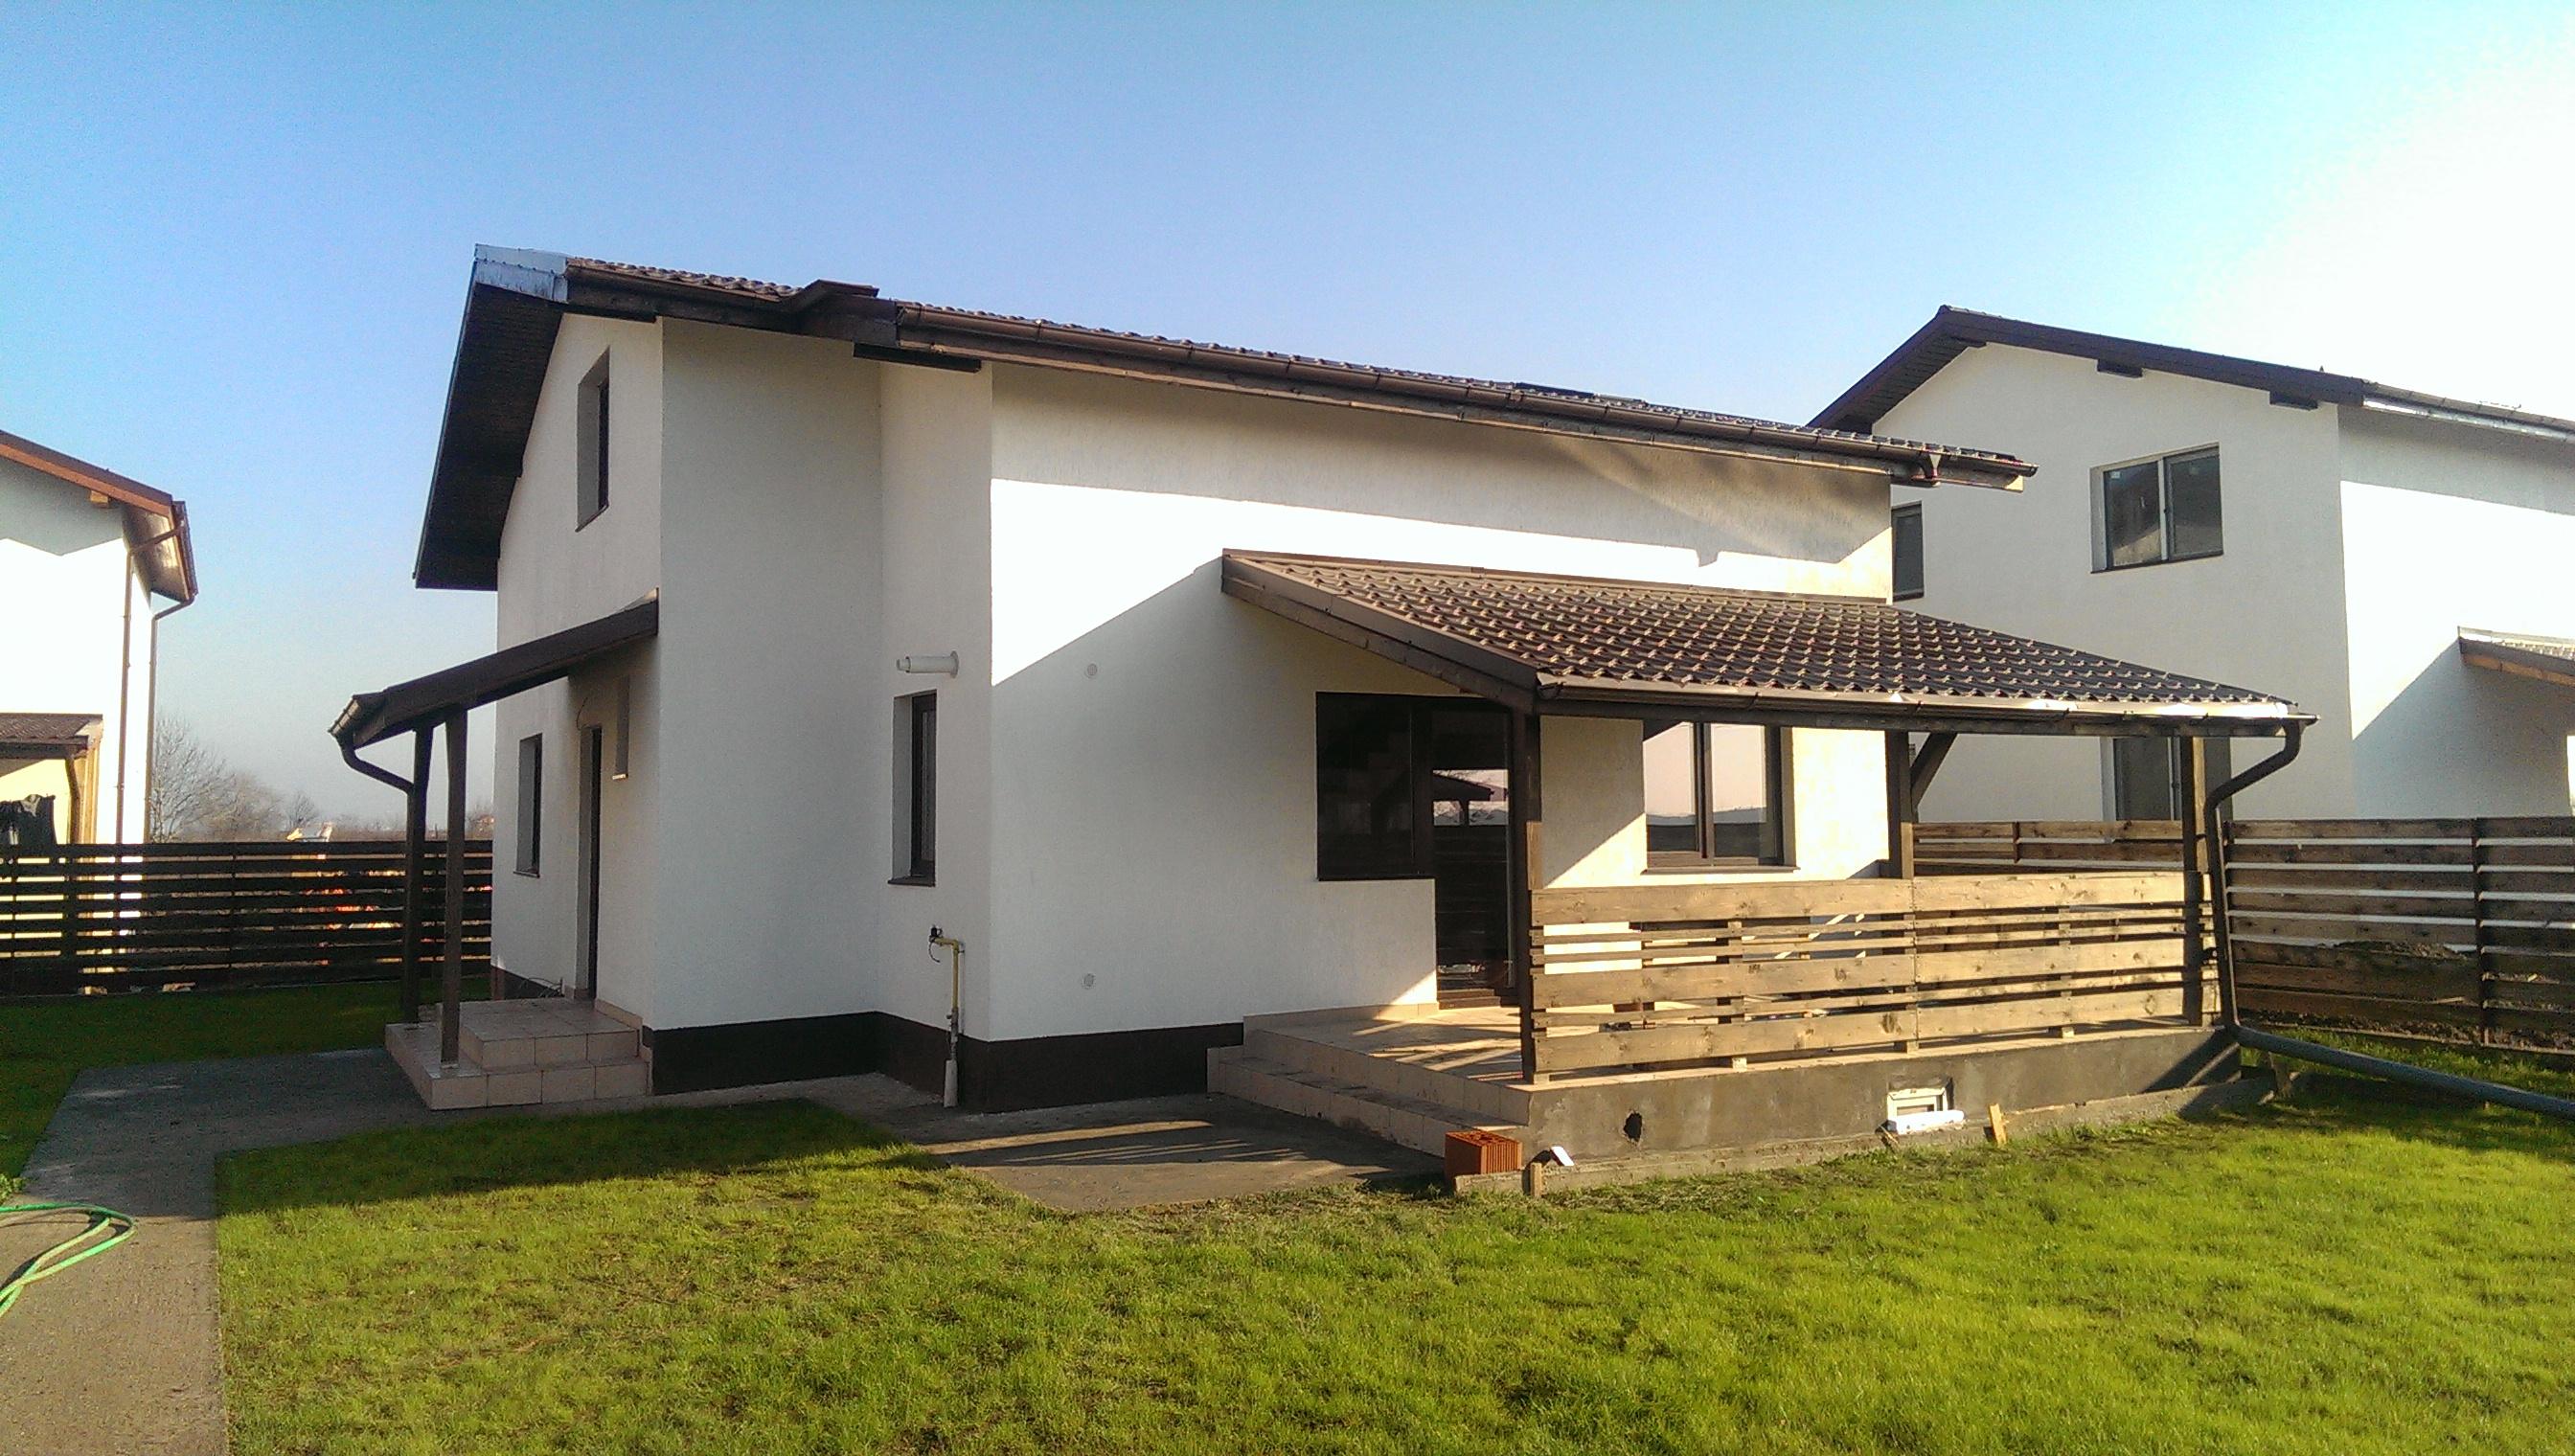 vanzare vila berceni comuna